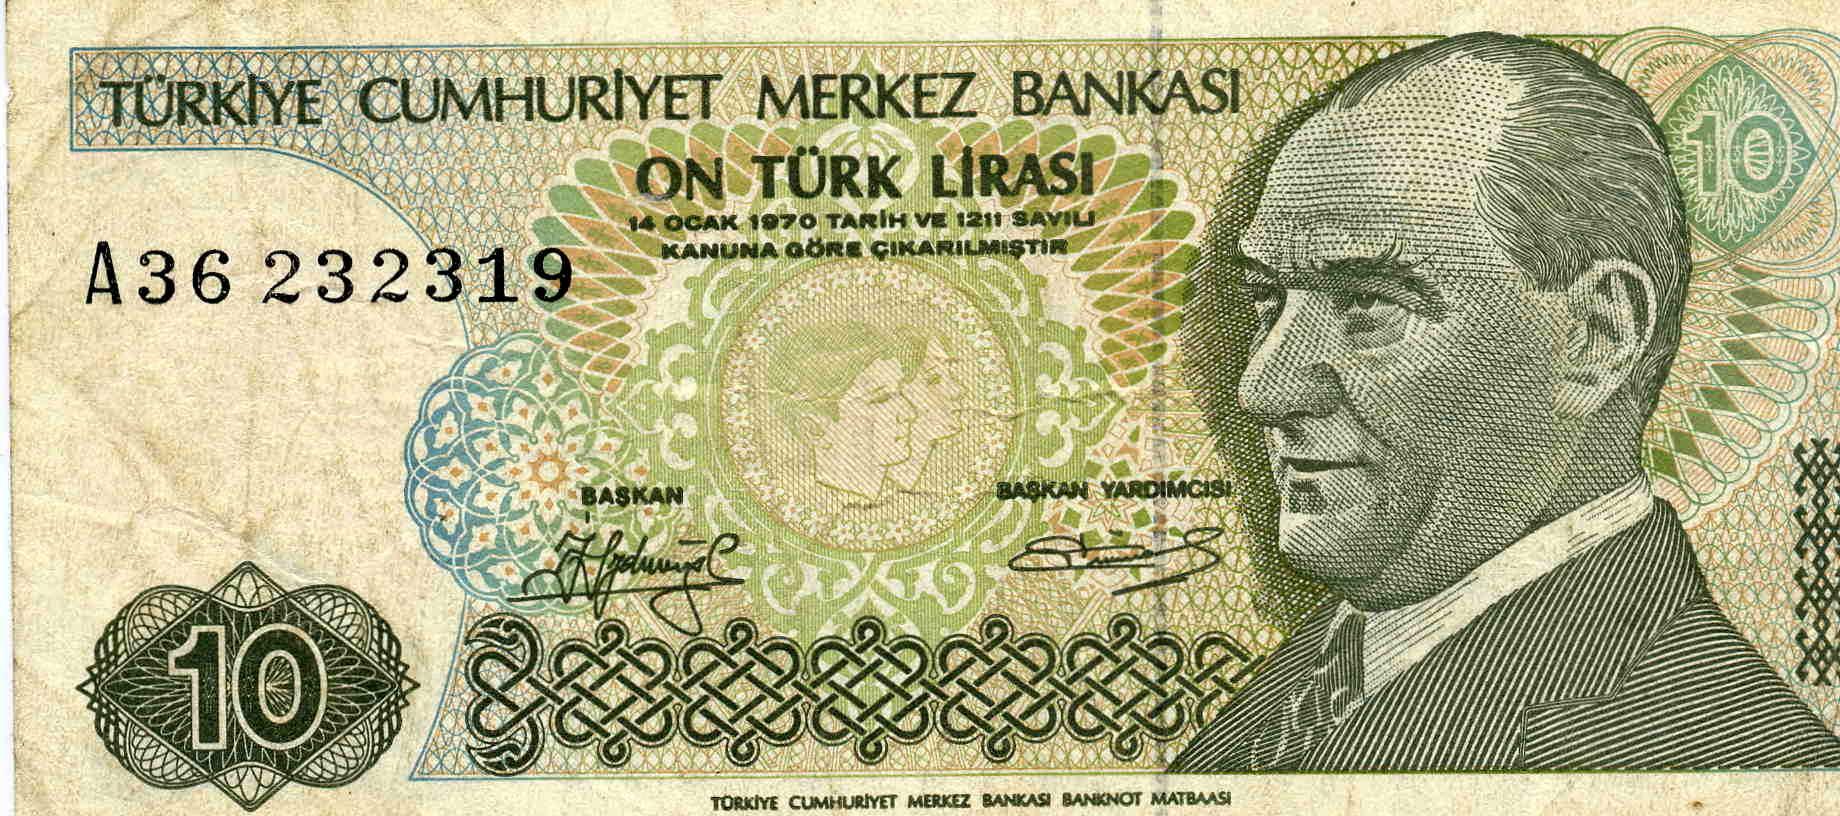 Nach ihrem deutlichen Kursverfall rückt die Lira wieder von ihrem Tief ab. Wirtschaftsexperten raten dennoch, die Krise in der Türkei möglichst schnell einzudämmen.